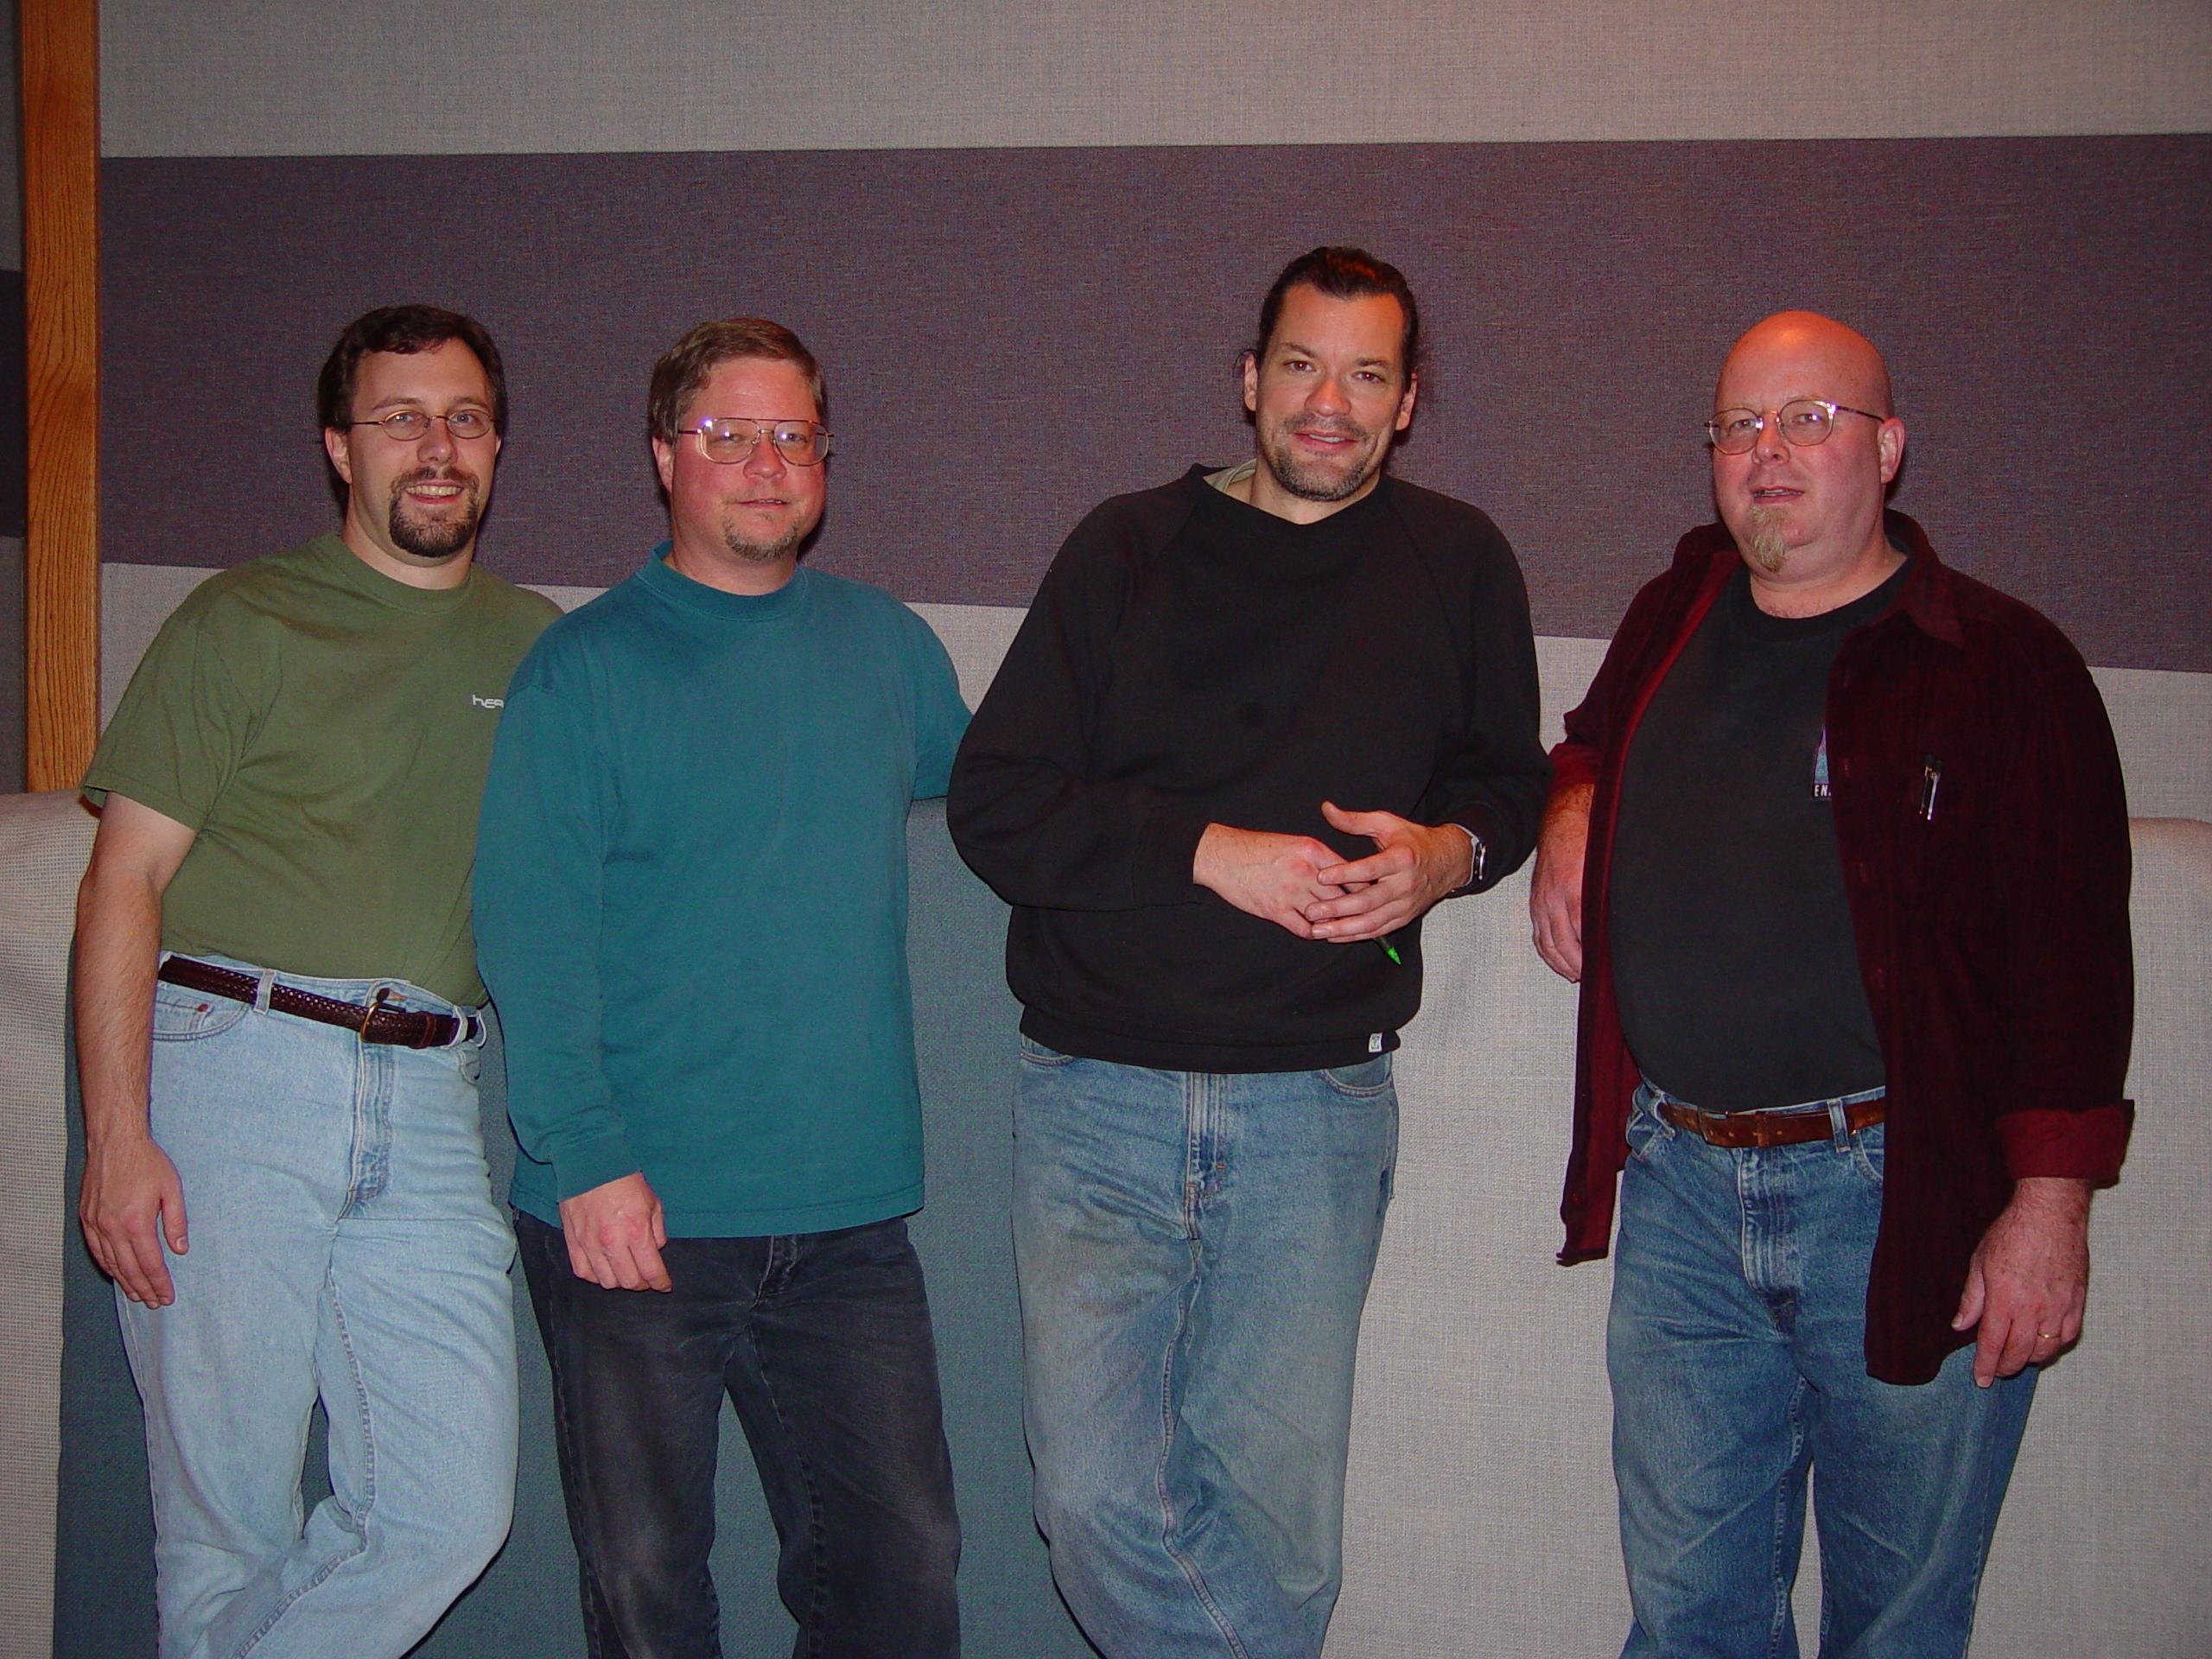 The James DeJoie Quartet